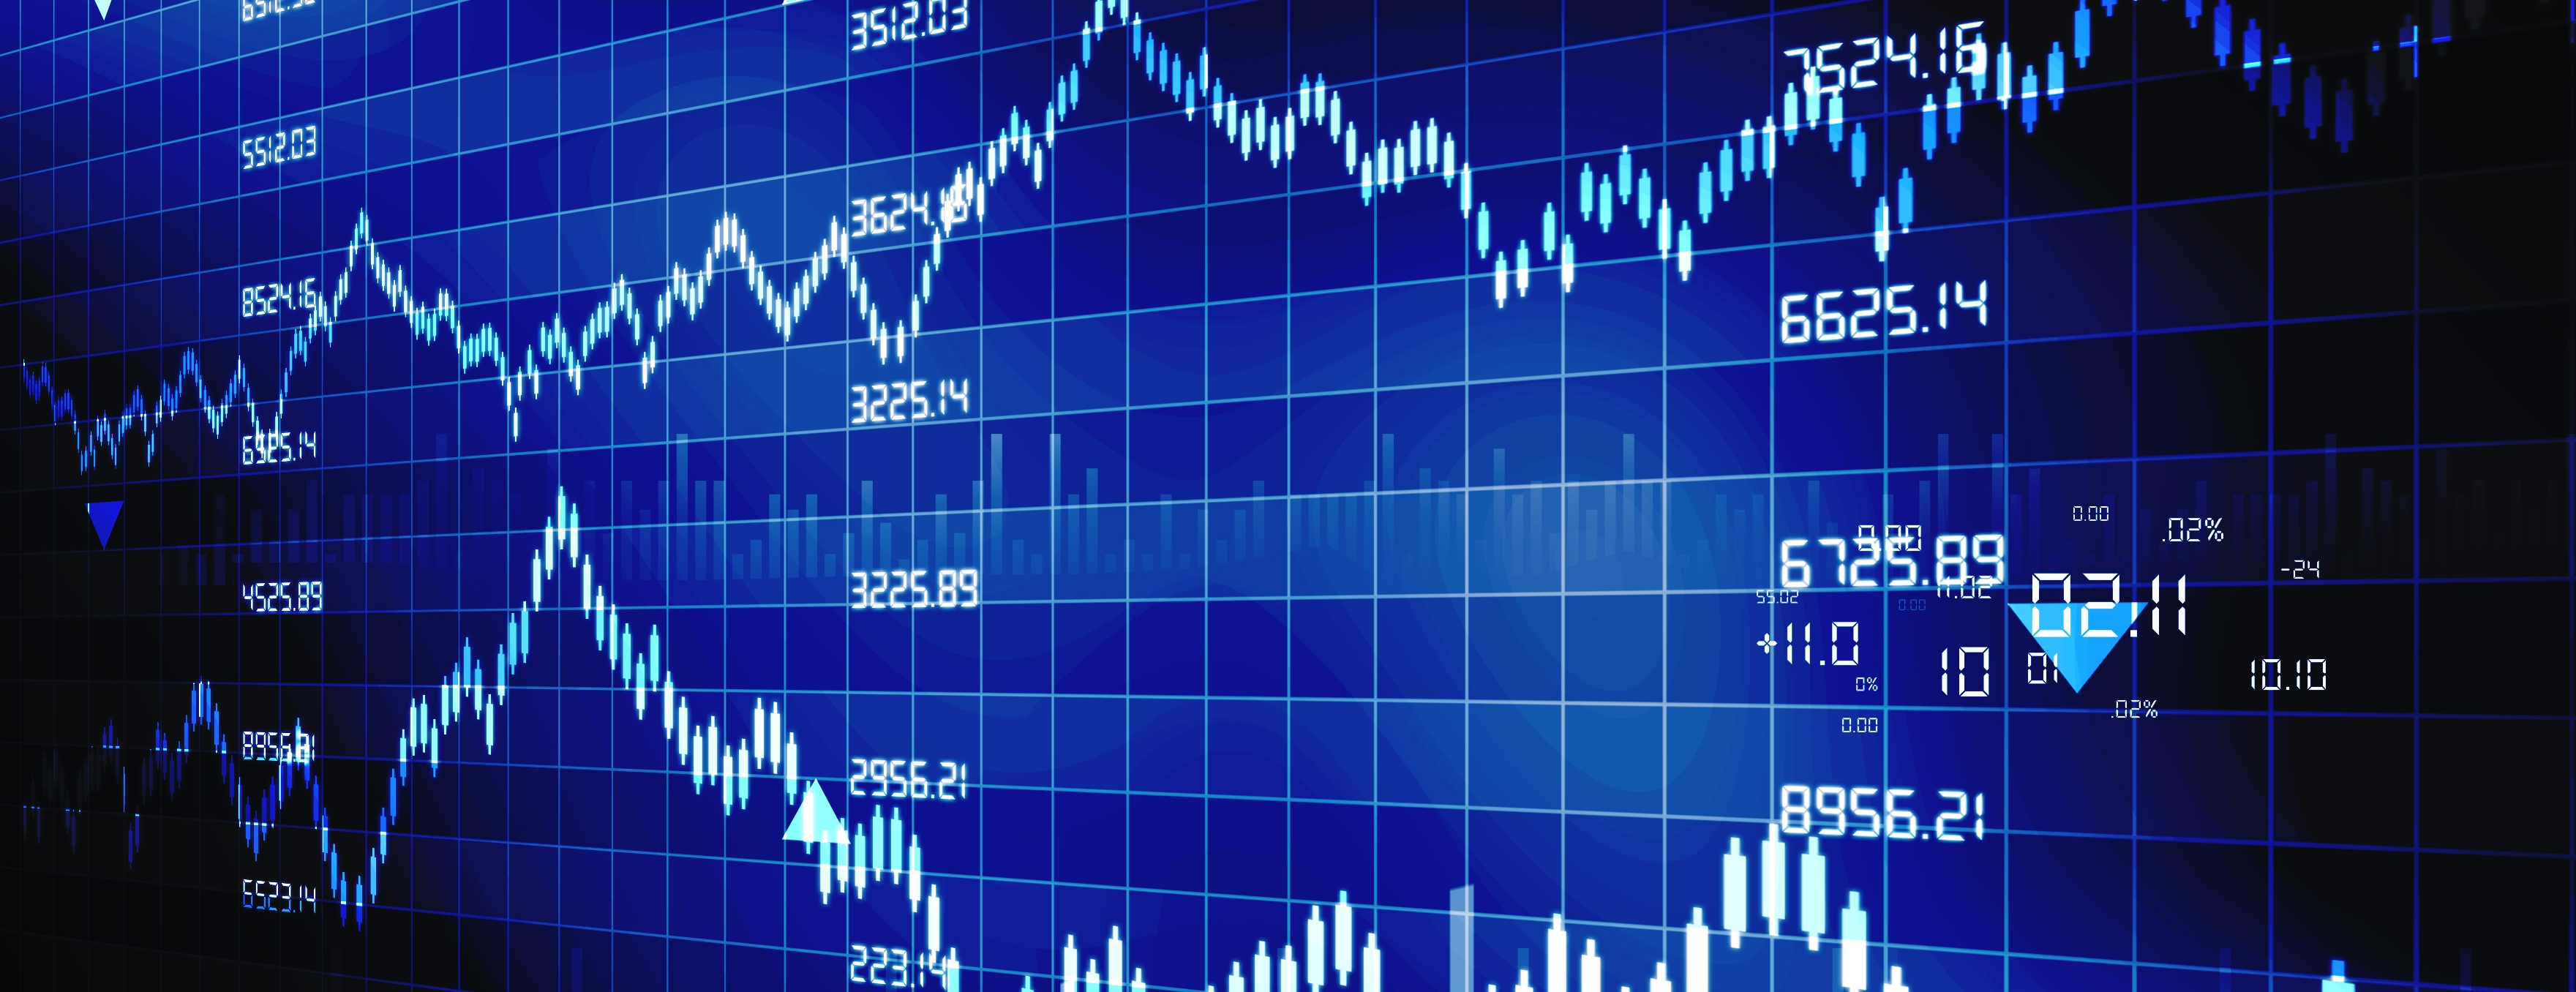 Рынок форекс-отзывы я изучил этот курс форекс